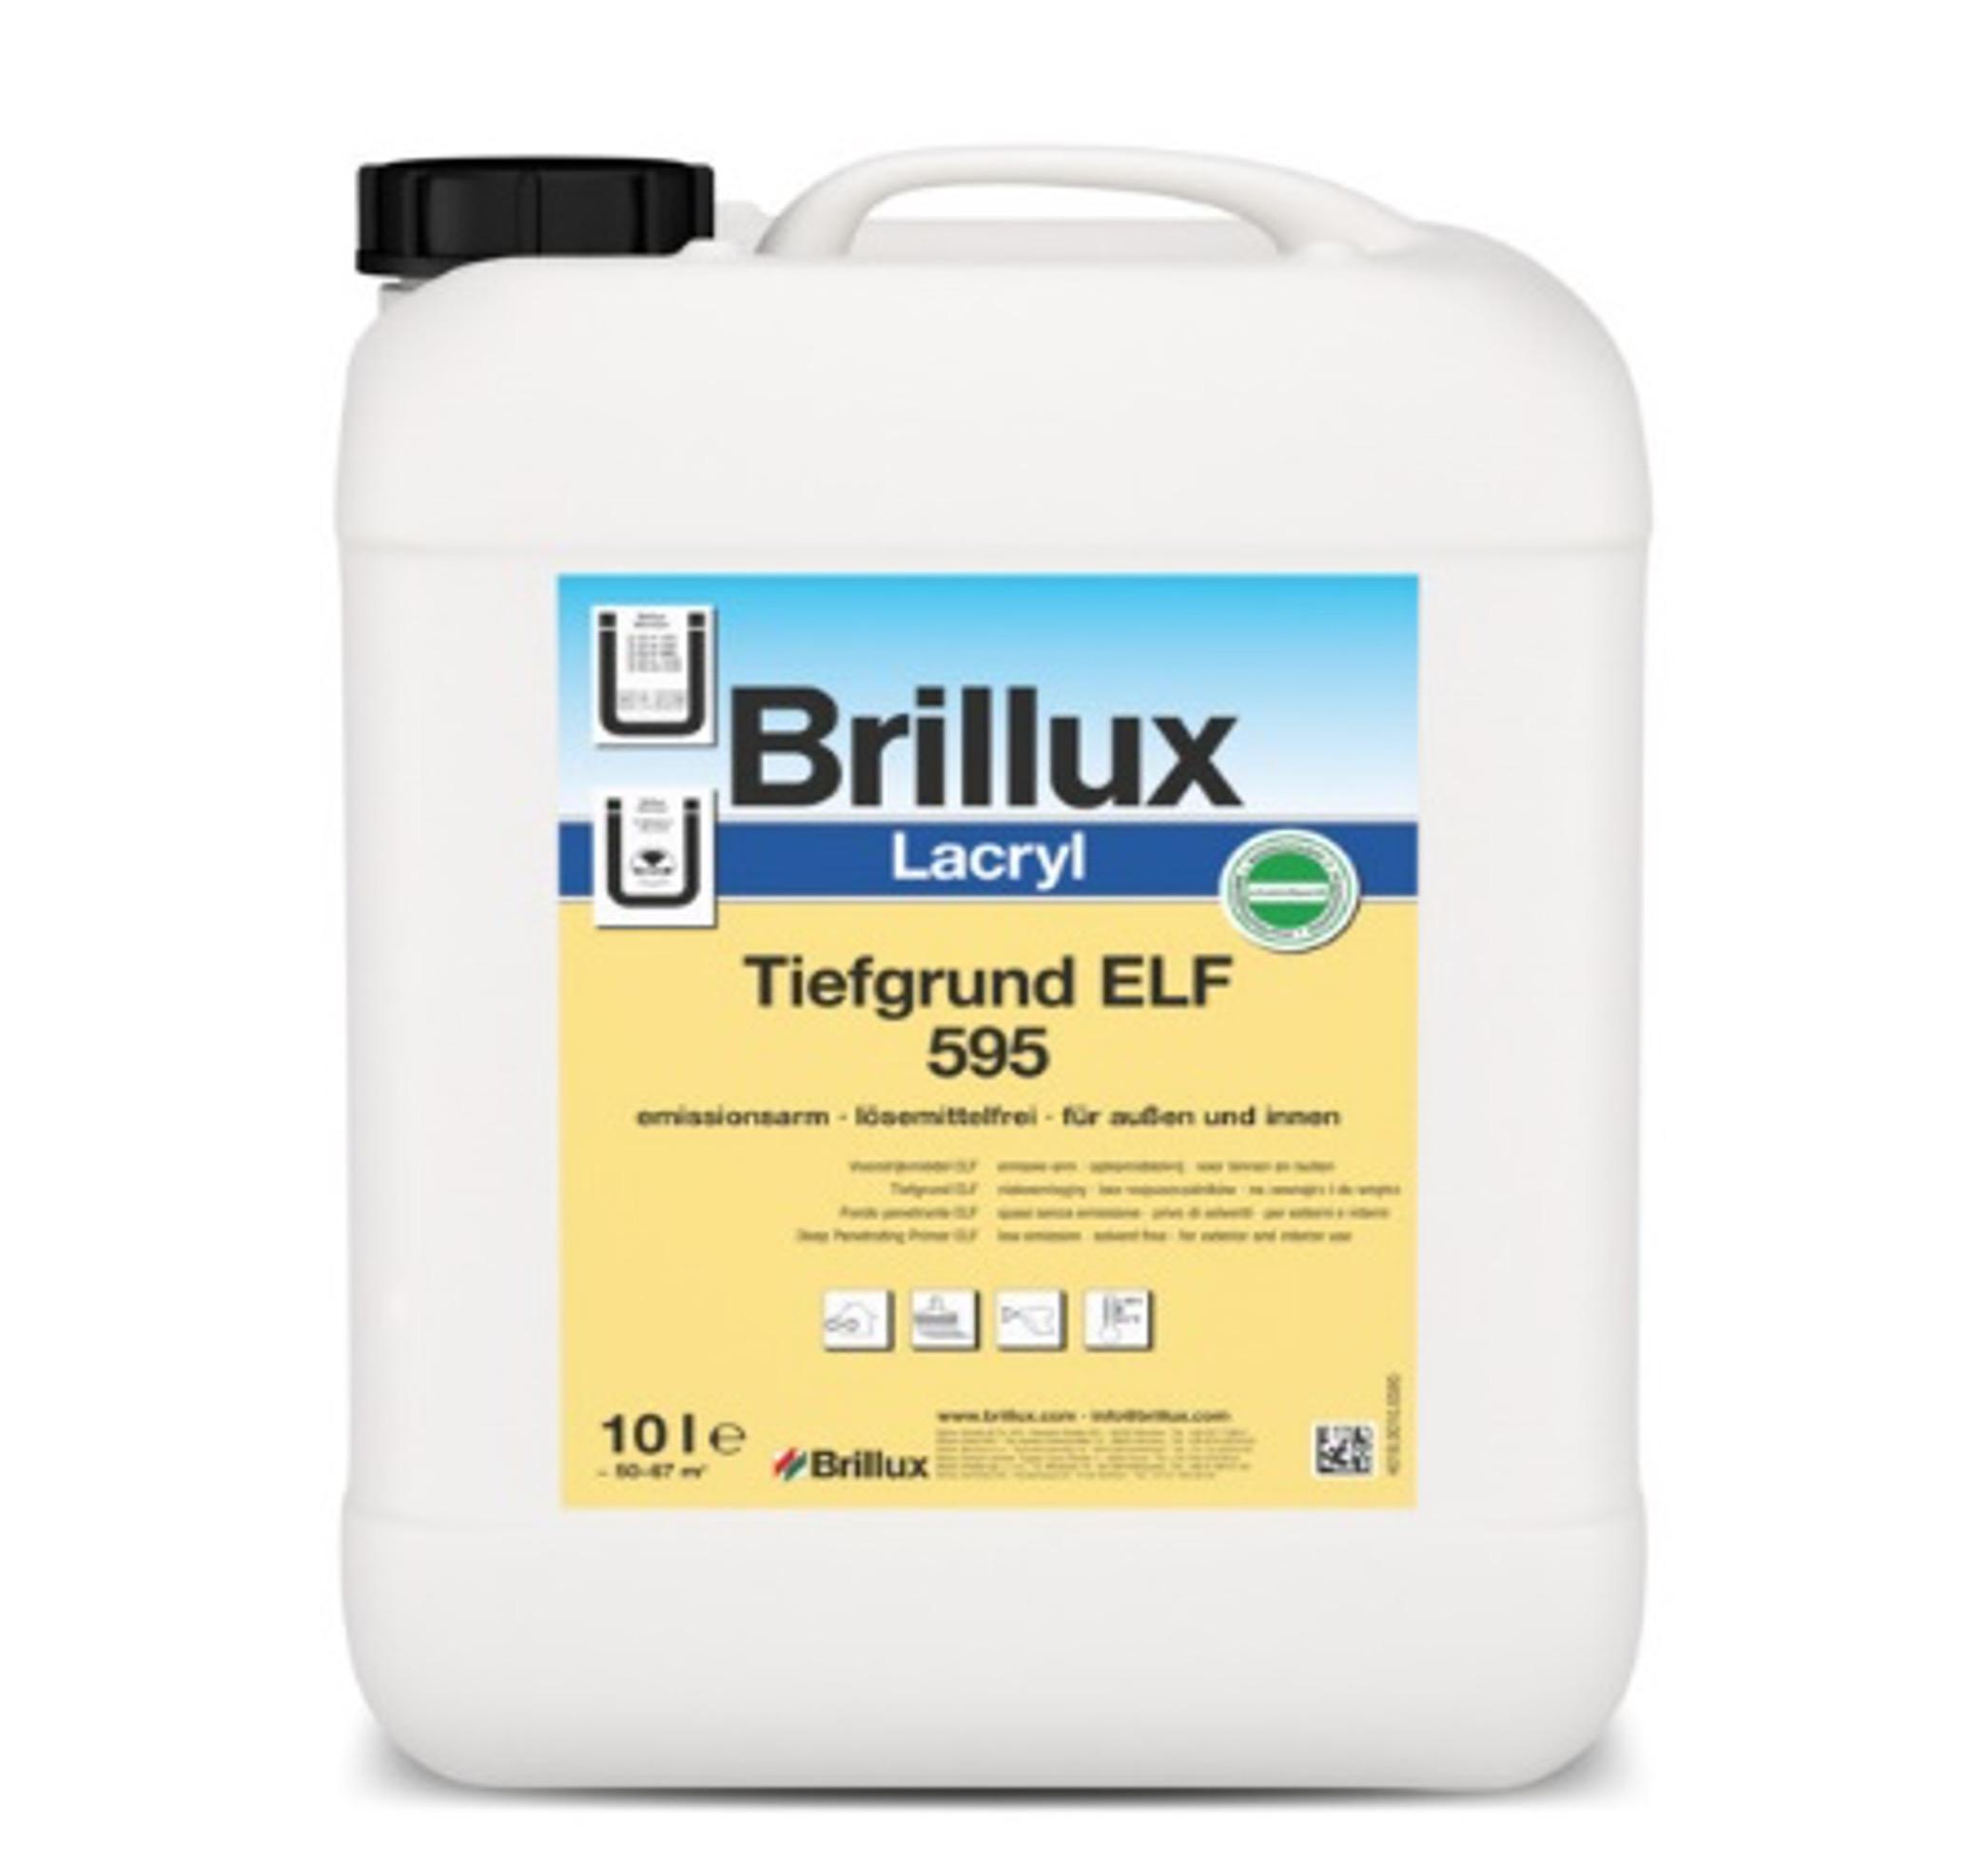 Brillux Lacyrl Tiefgrund ELF 595 zum Grundieren von saugfähigen Untergründen Image